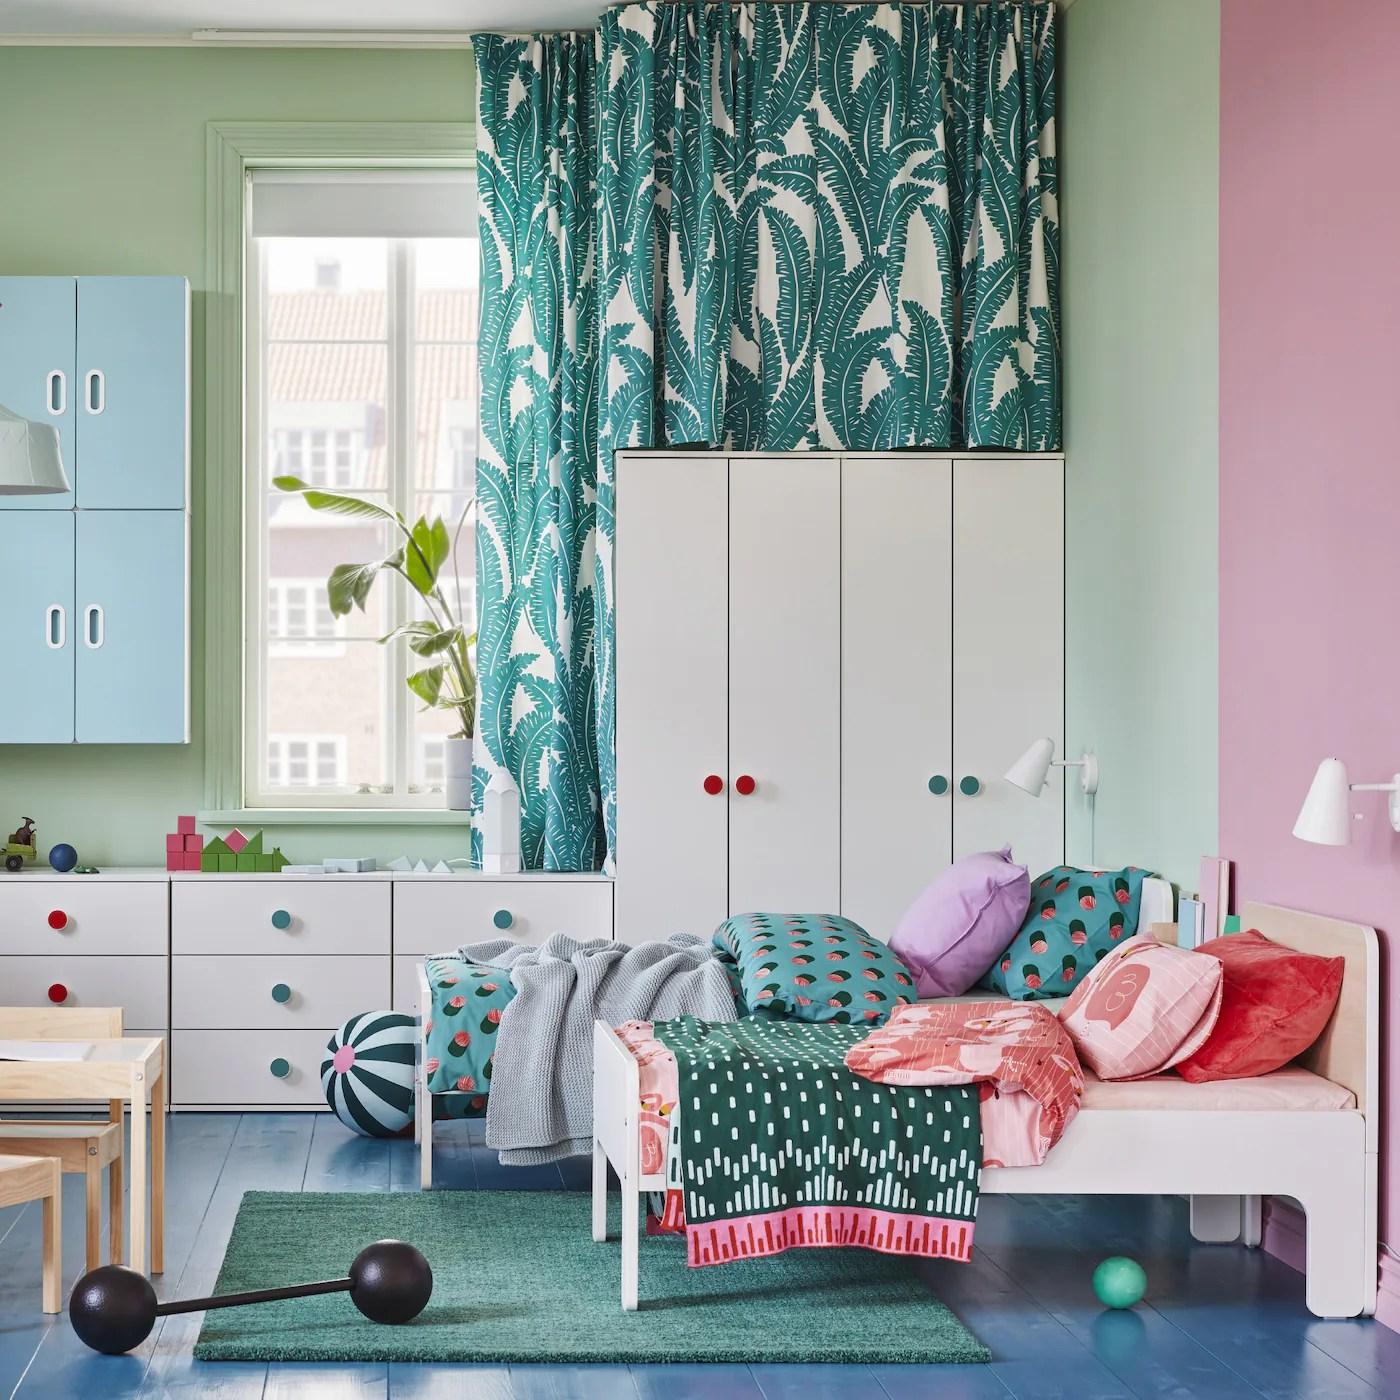 Potete trovare prodotti simili su mobili camere ragazzi che sia in ikea che su internet potete trovare, il tempo che avete è il migliore. Idee Per Arredare La Cameretta Ikea Svizzera